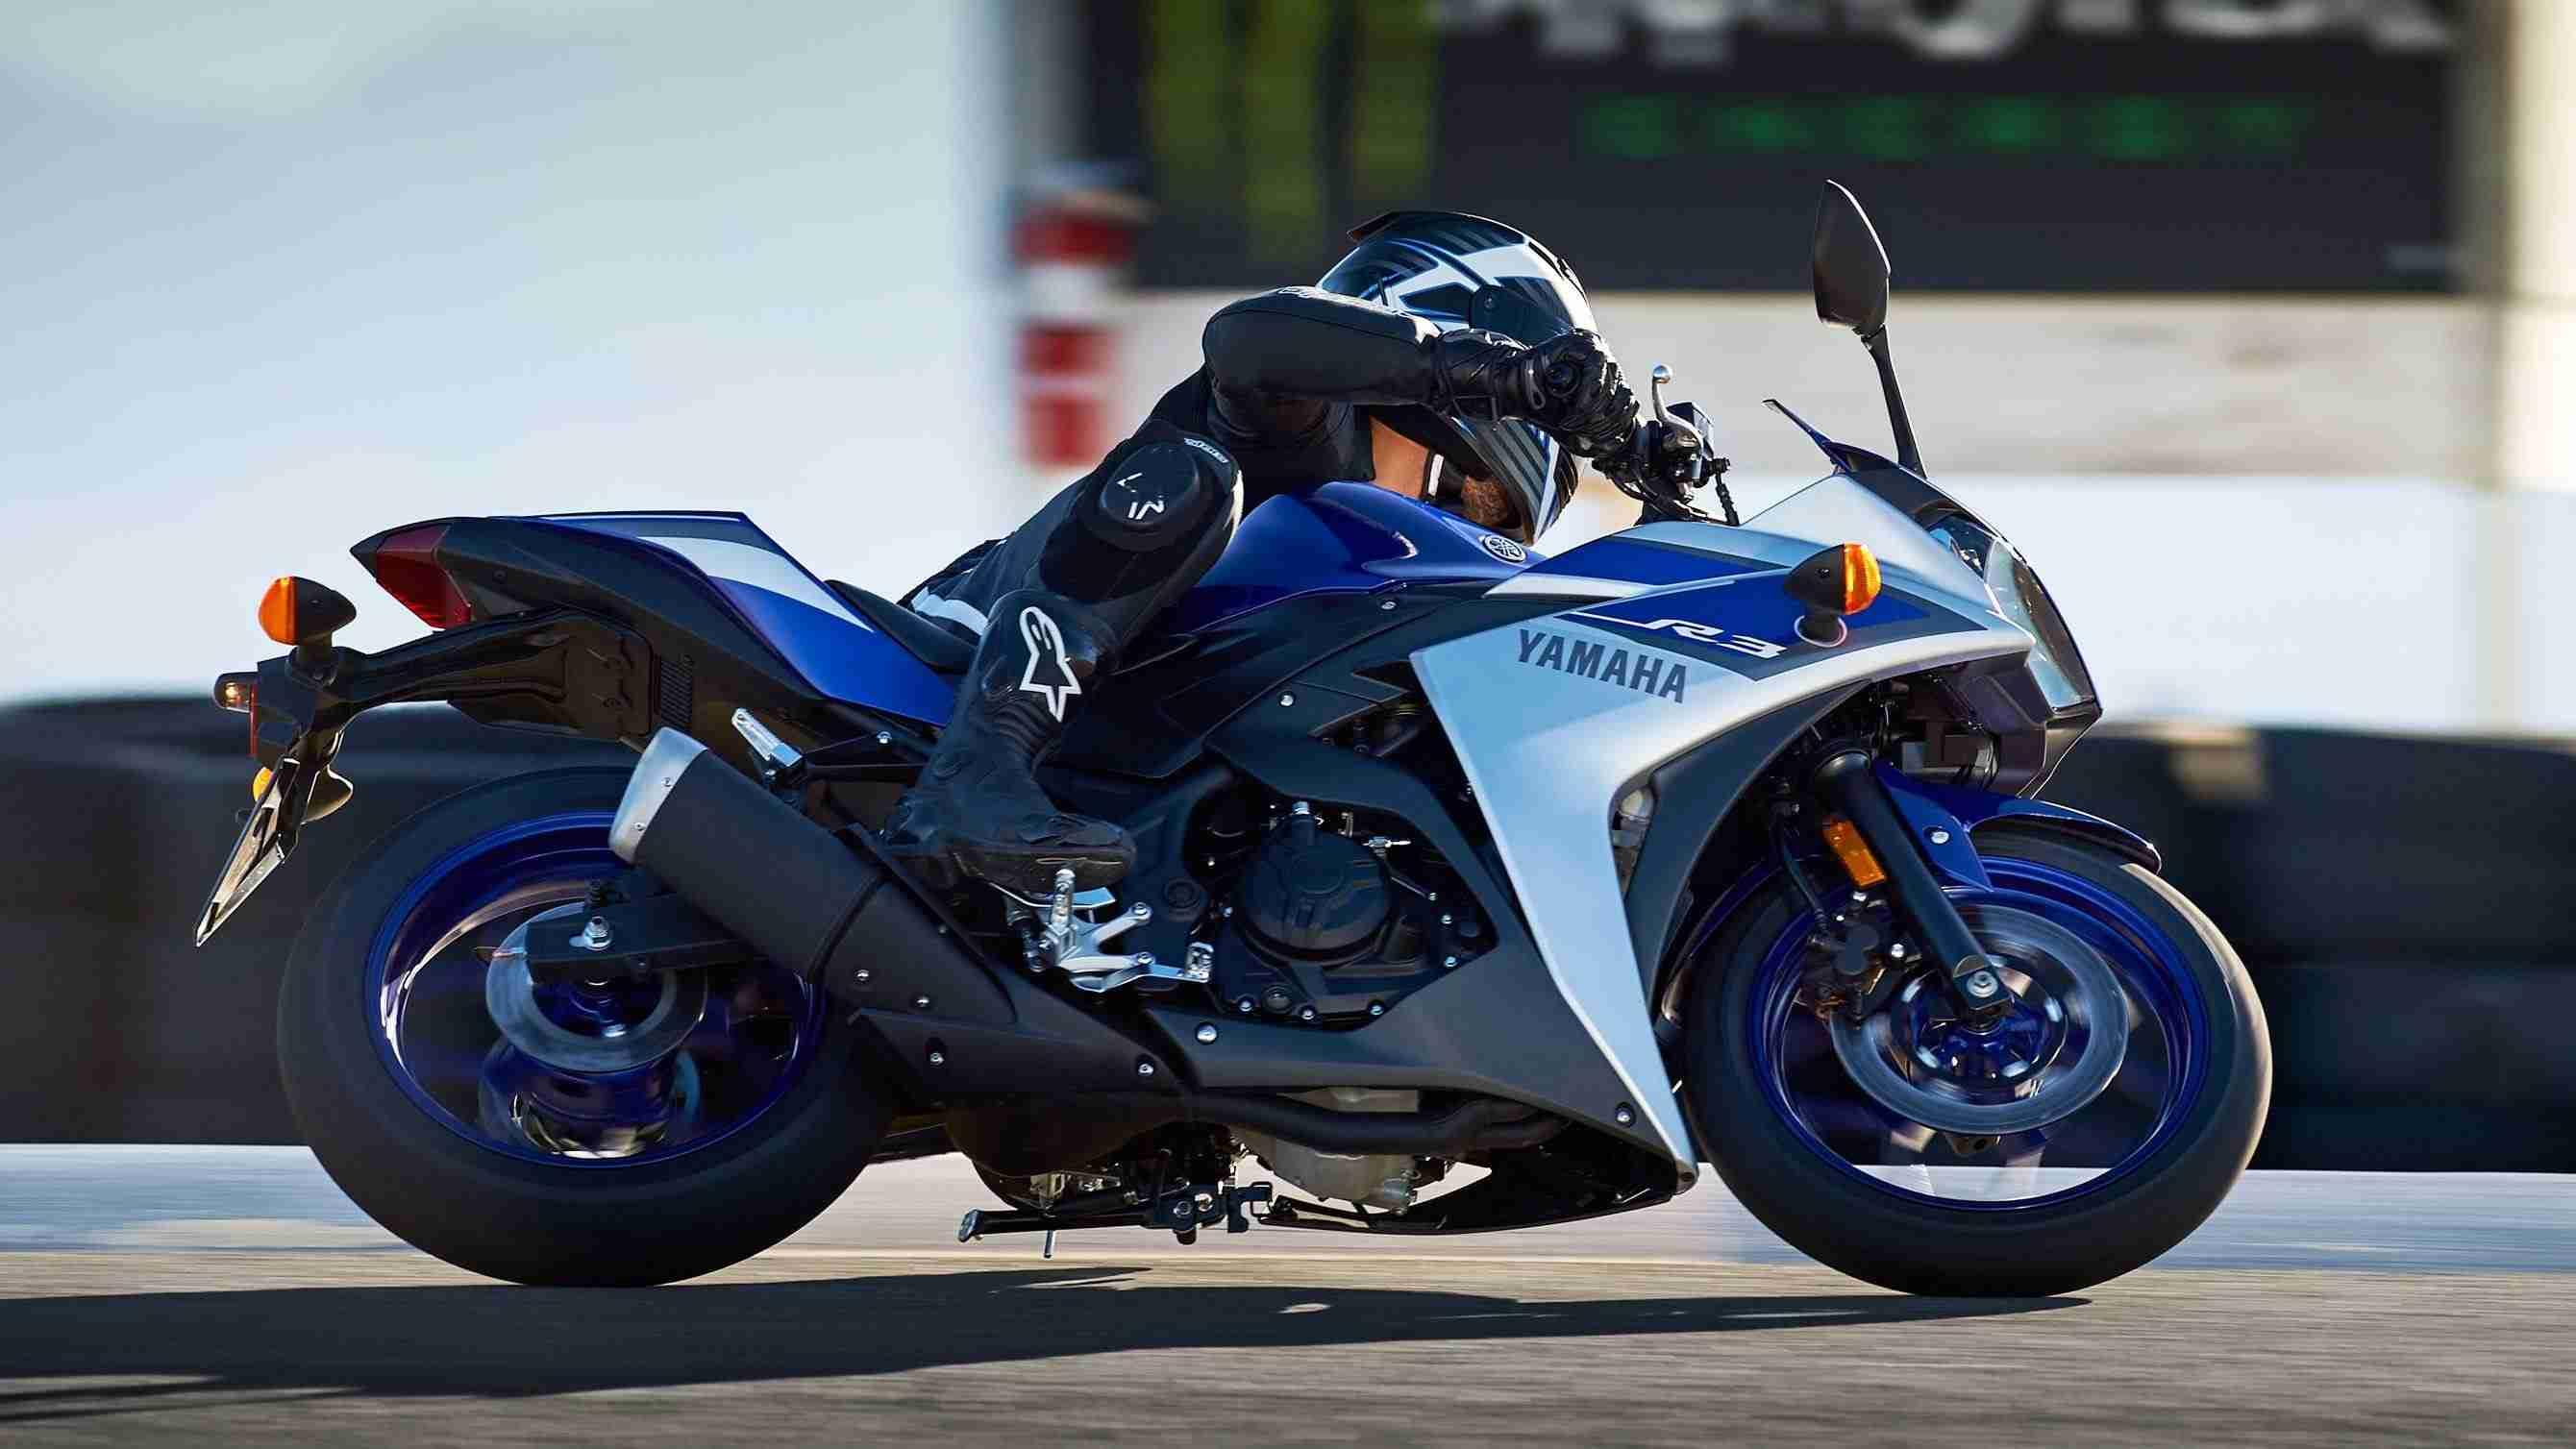 2015 Yamaha YZF-R3 - blue